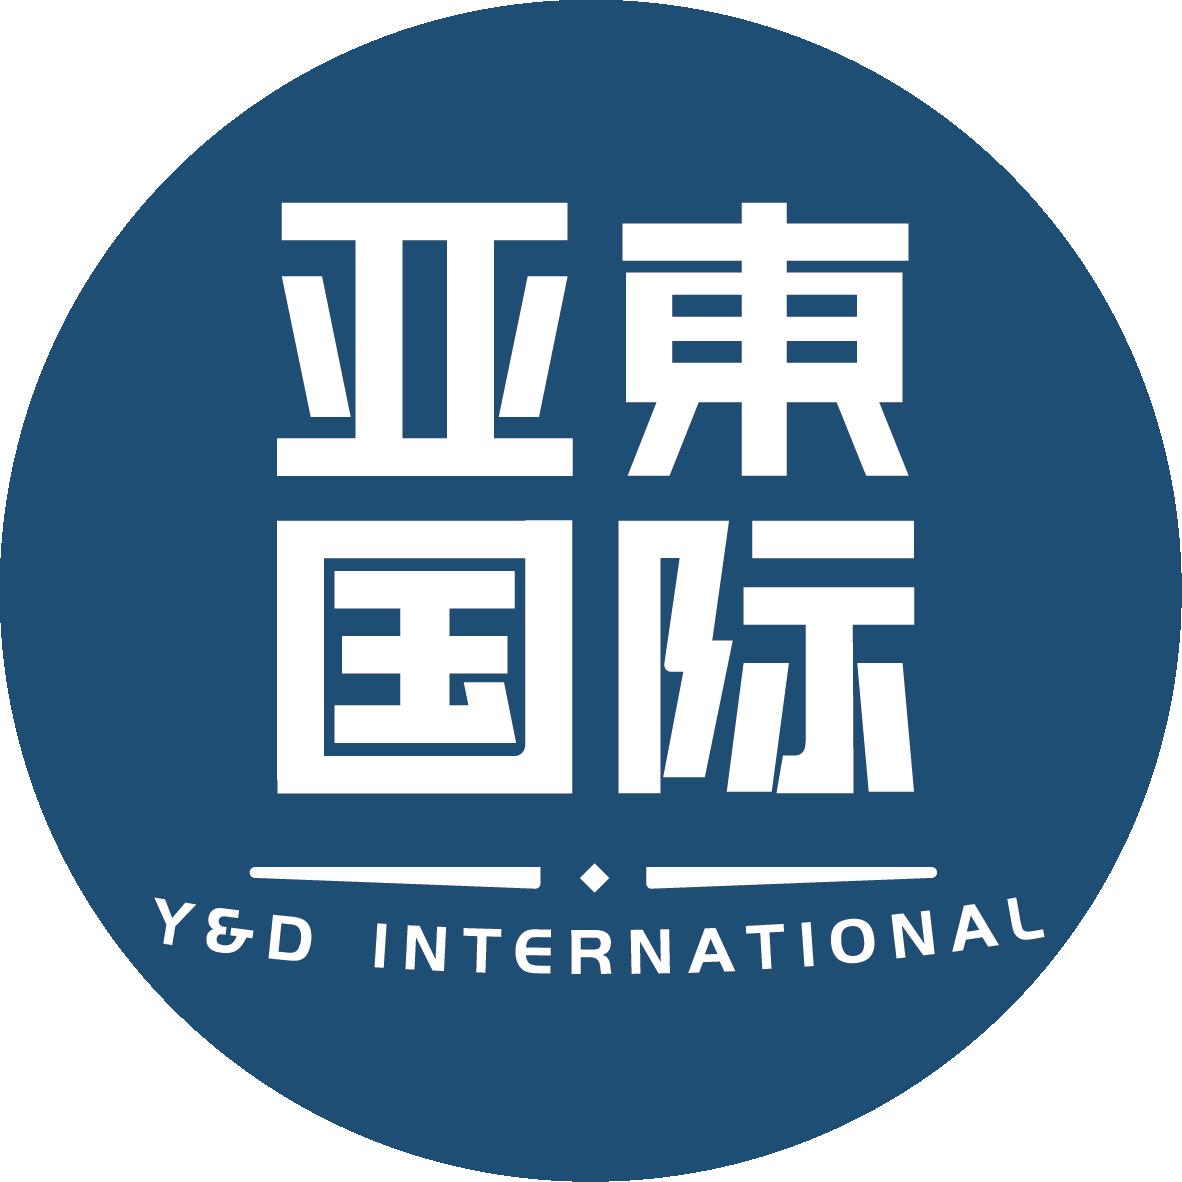 深圳市亚东国际商业有限公司